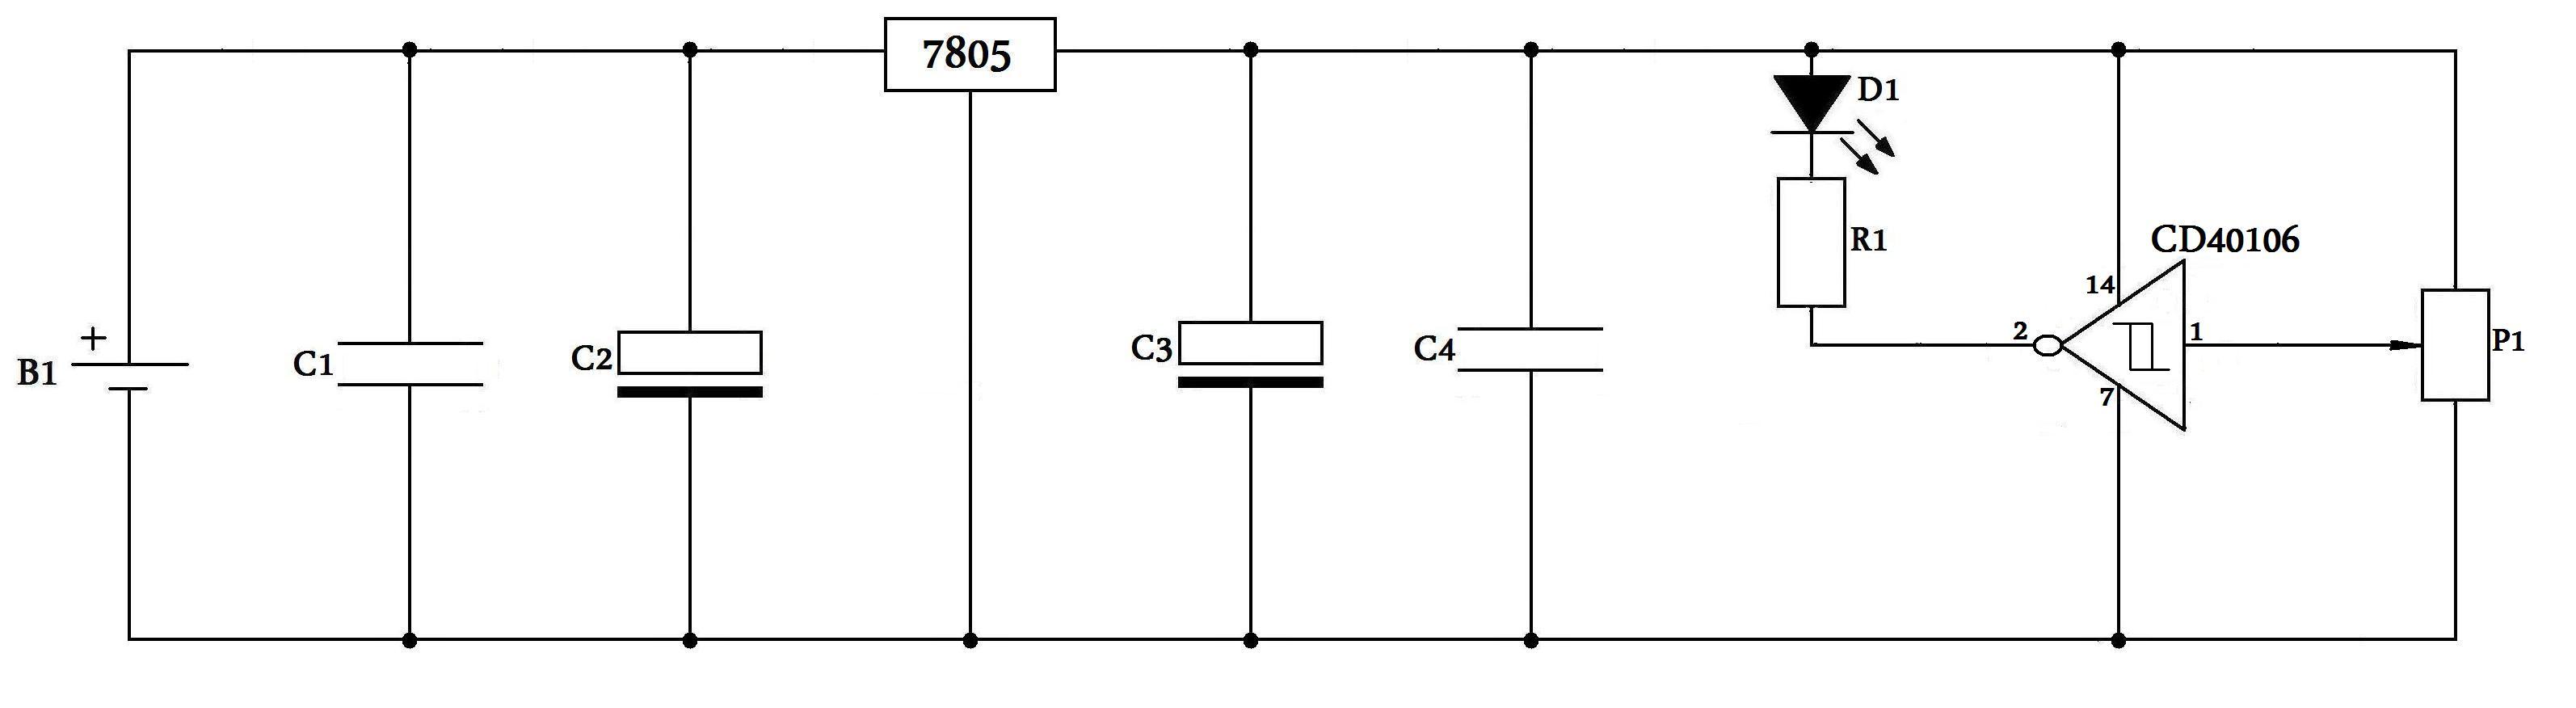 Ryc. 11